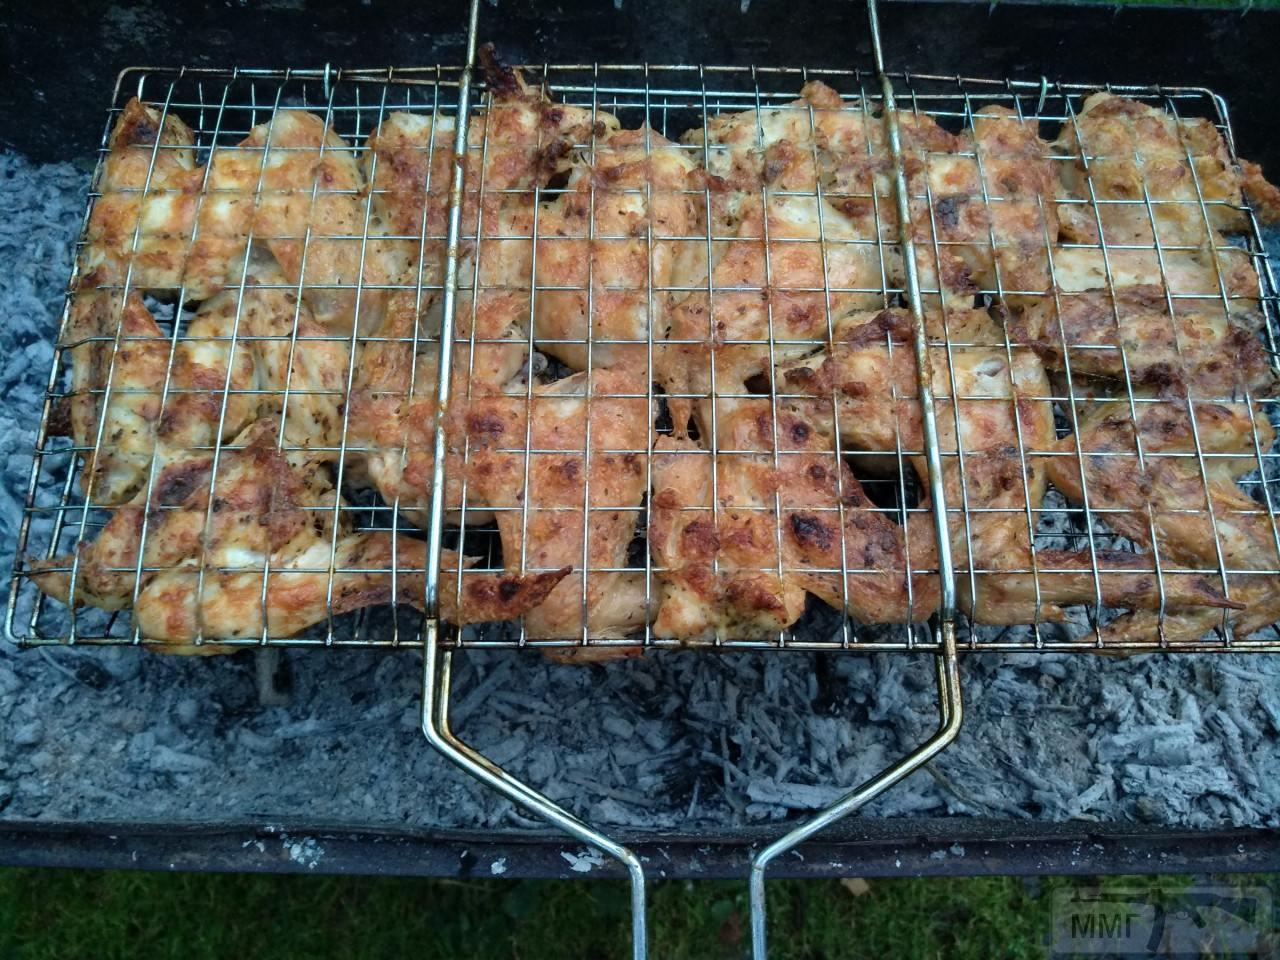 109120 - Закуски на огне (мангал, барбекю и т.д.) и кулинария вообще. Советы и рецепты.